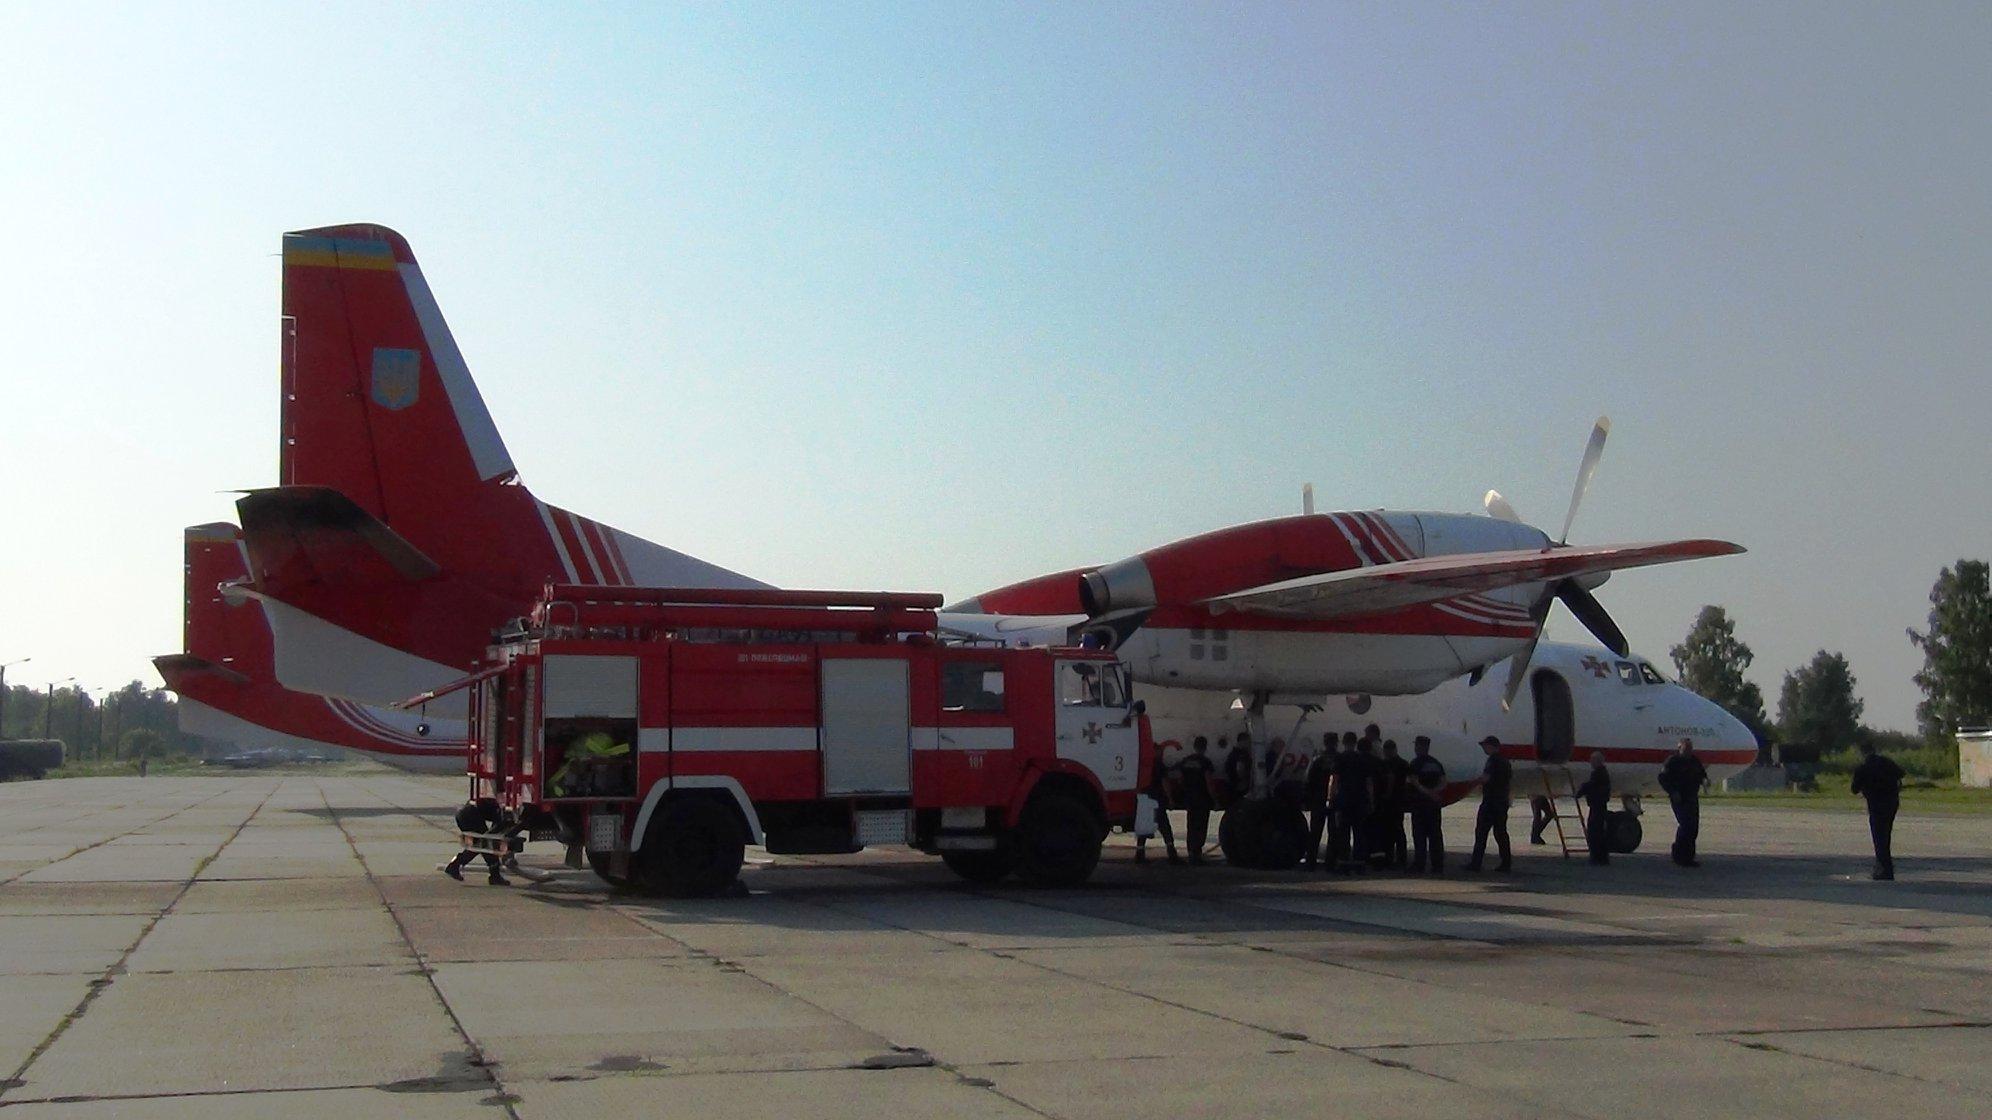 Прикарпатські рятувальники вчаться гасити лісові пожежі з літаків та гелікоптерів 4